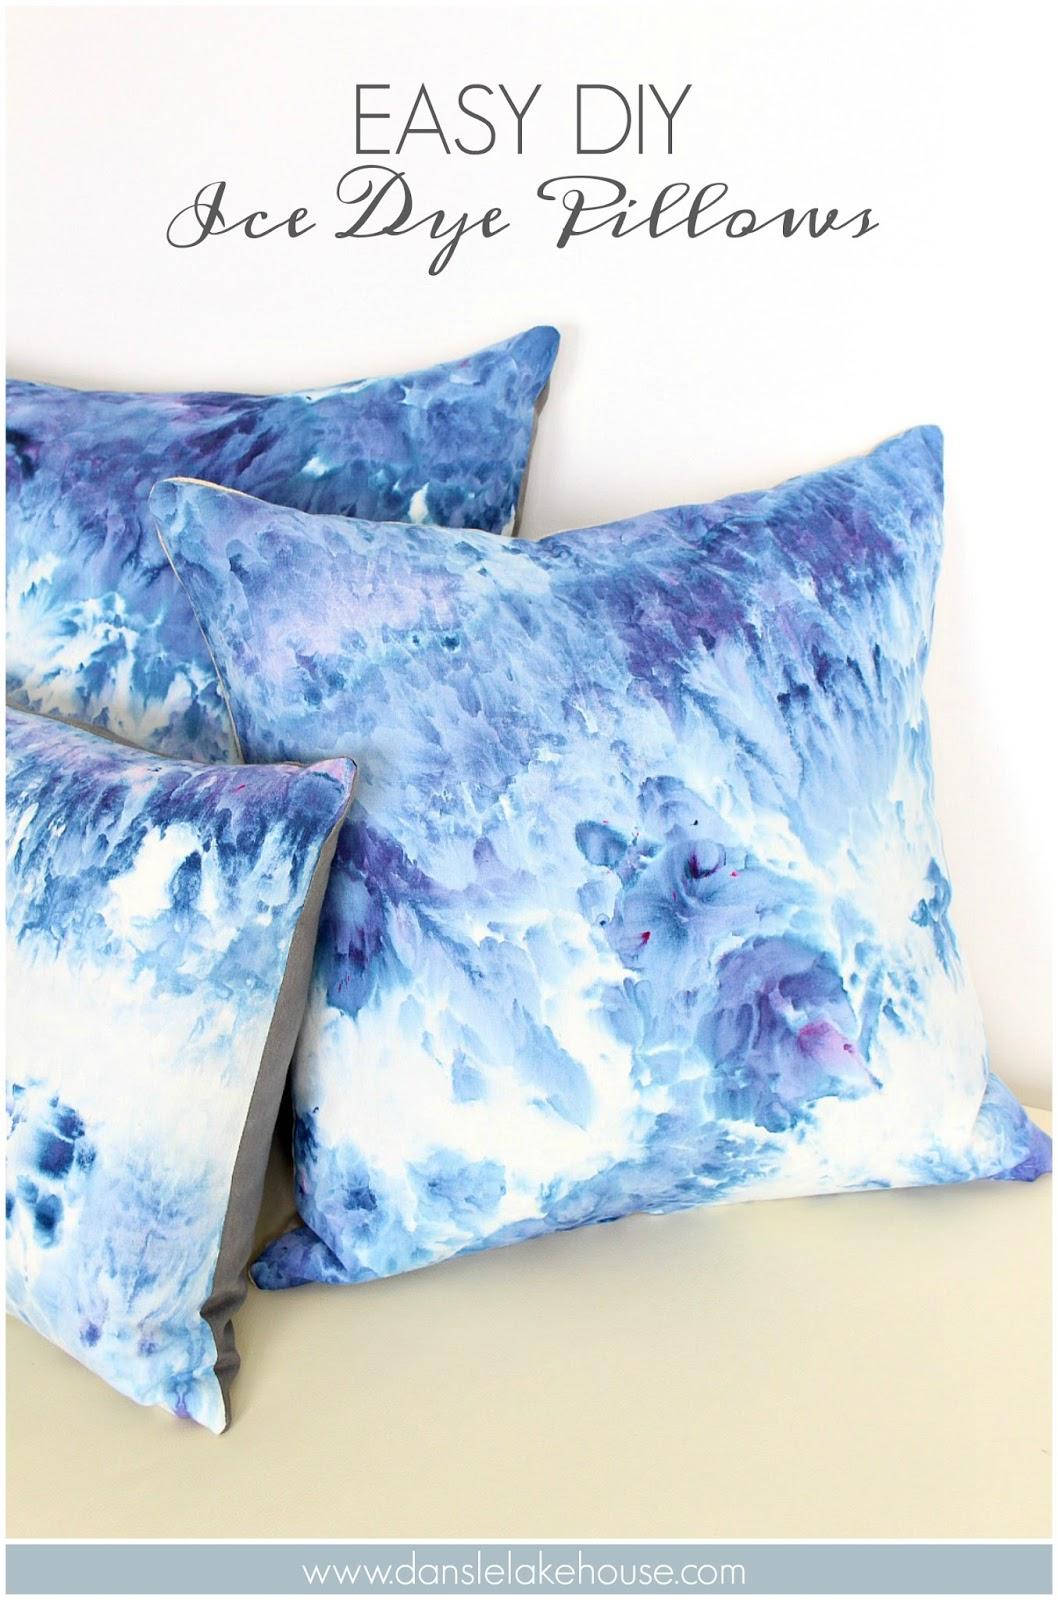 Easy Ice Dye Pillow Tutorial | @danslelakehouse